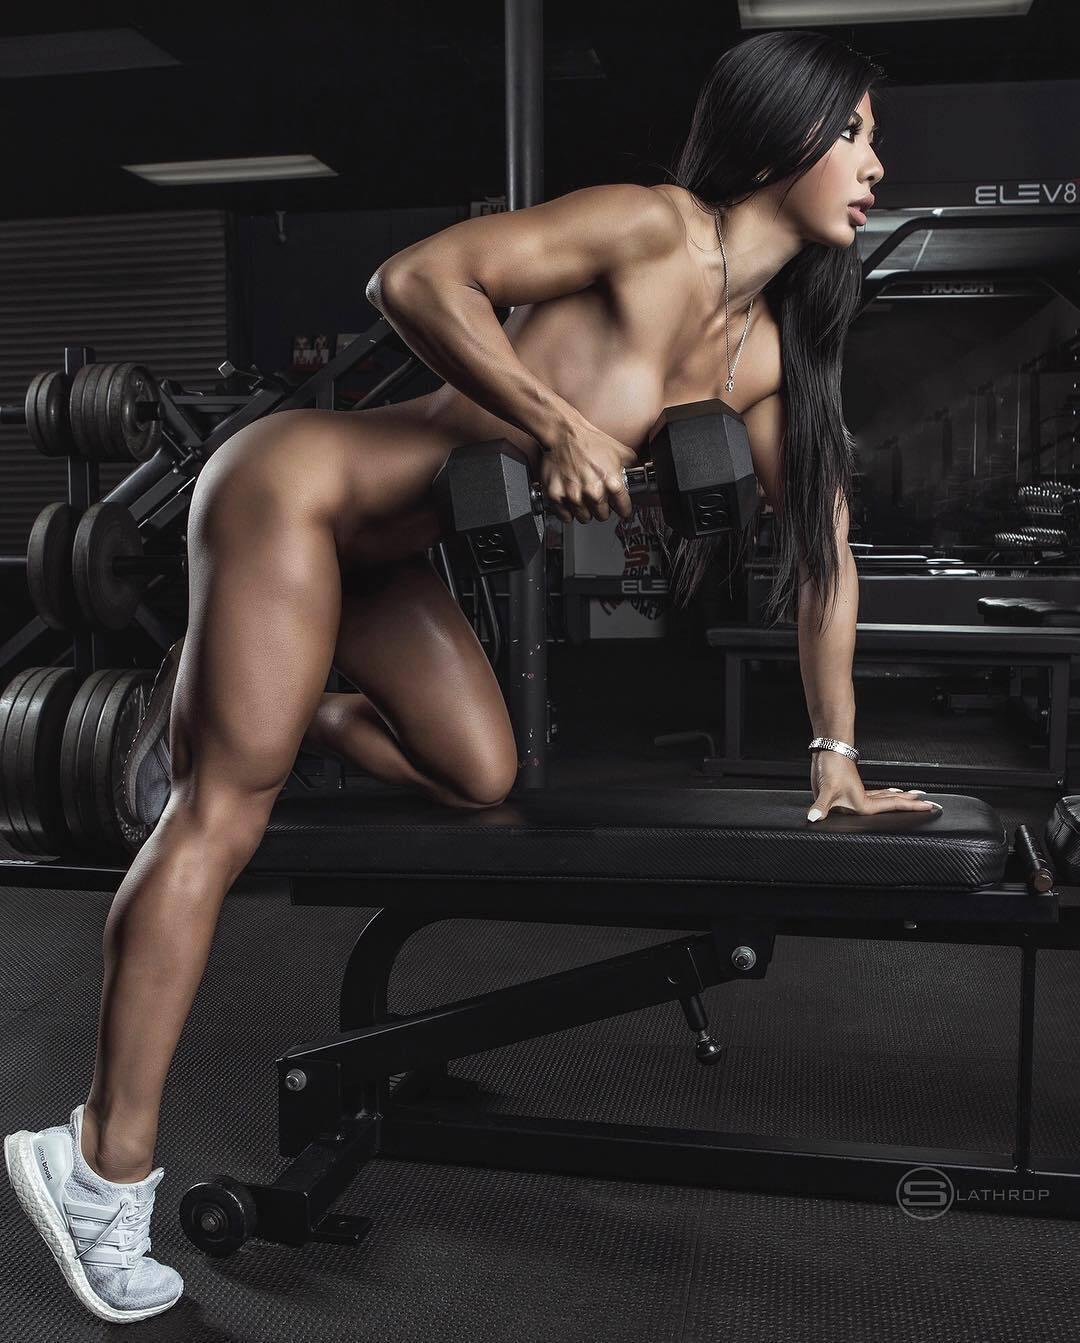 Female fitness models naked